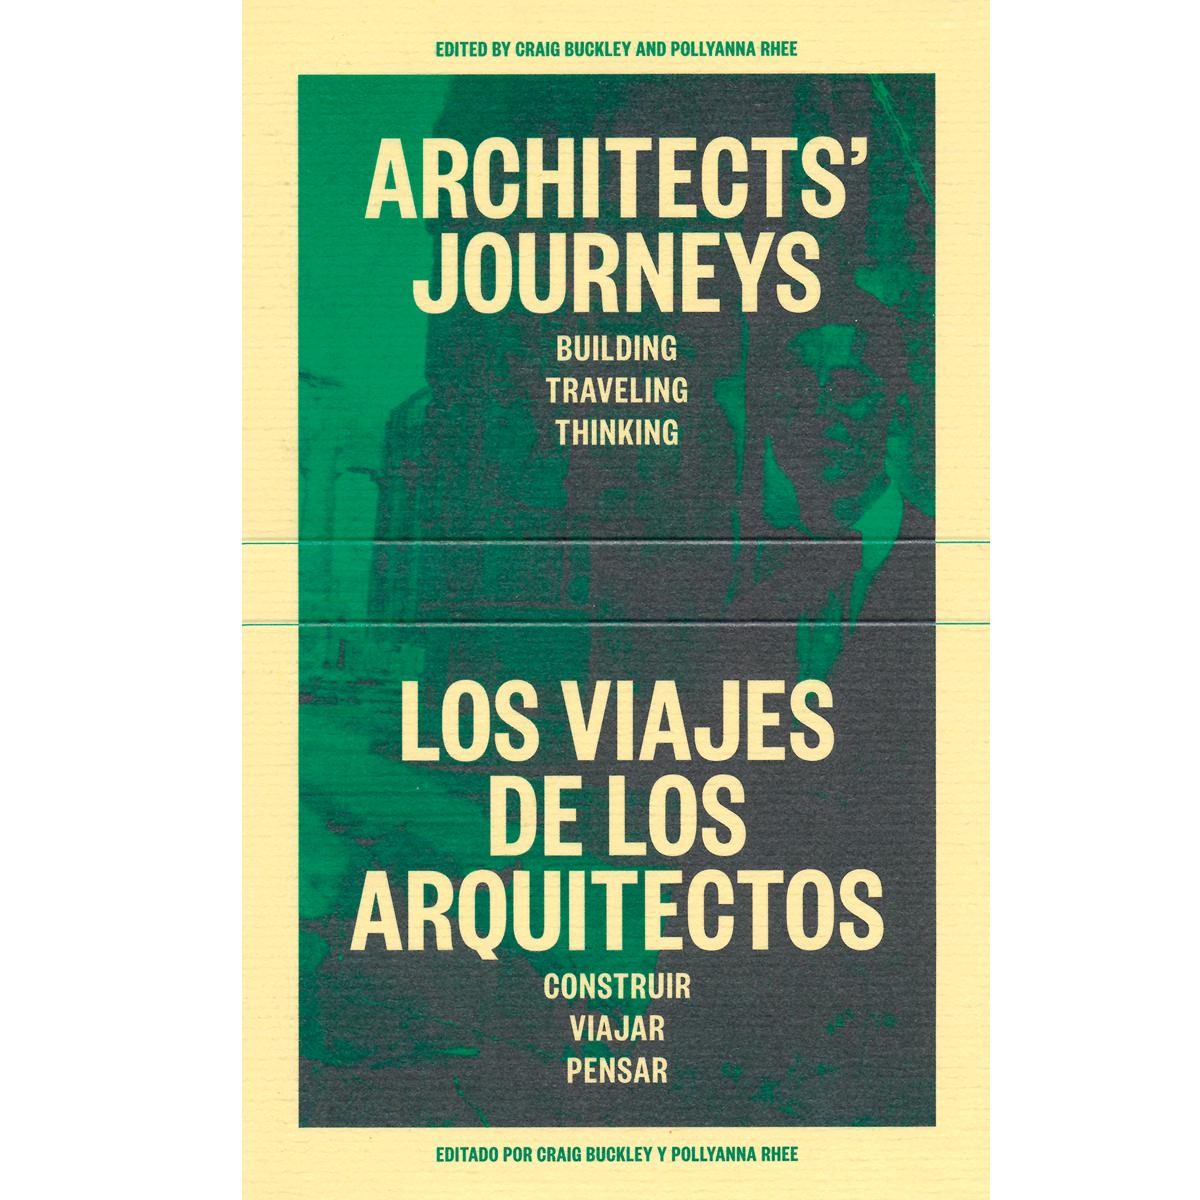 Los viajes de los arquitectos